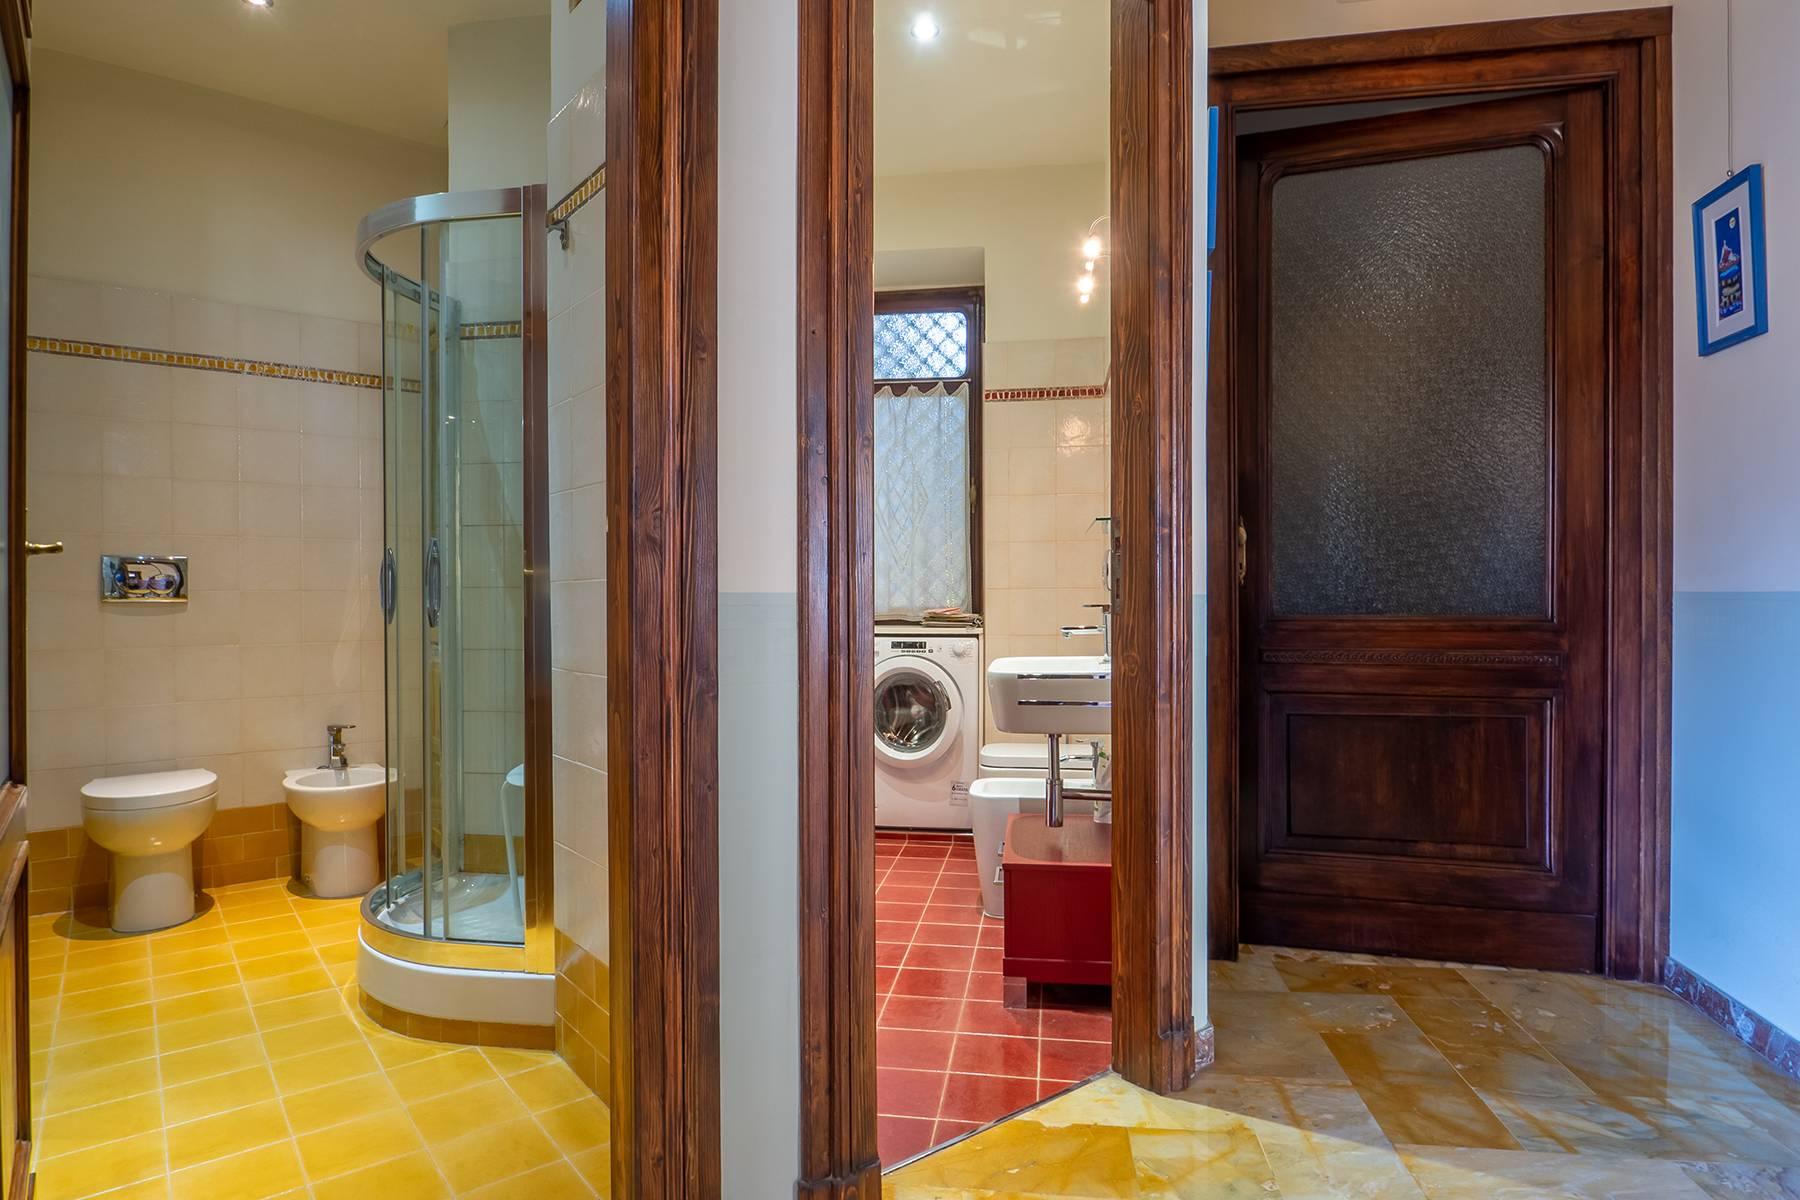 Appartamento in Vendita a Torino: 4 locali, 151 mq - Foto 12